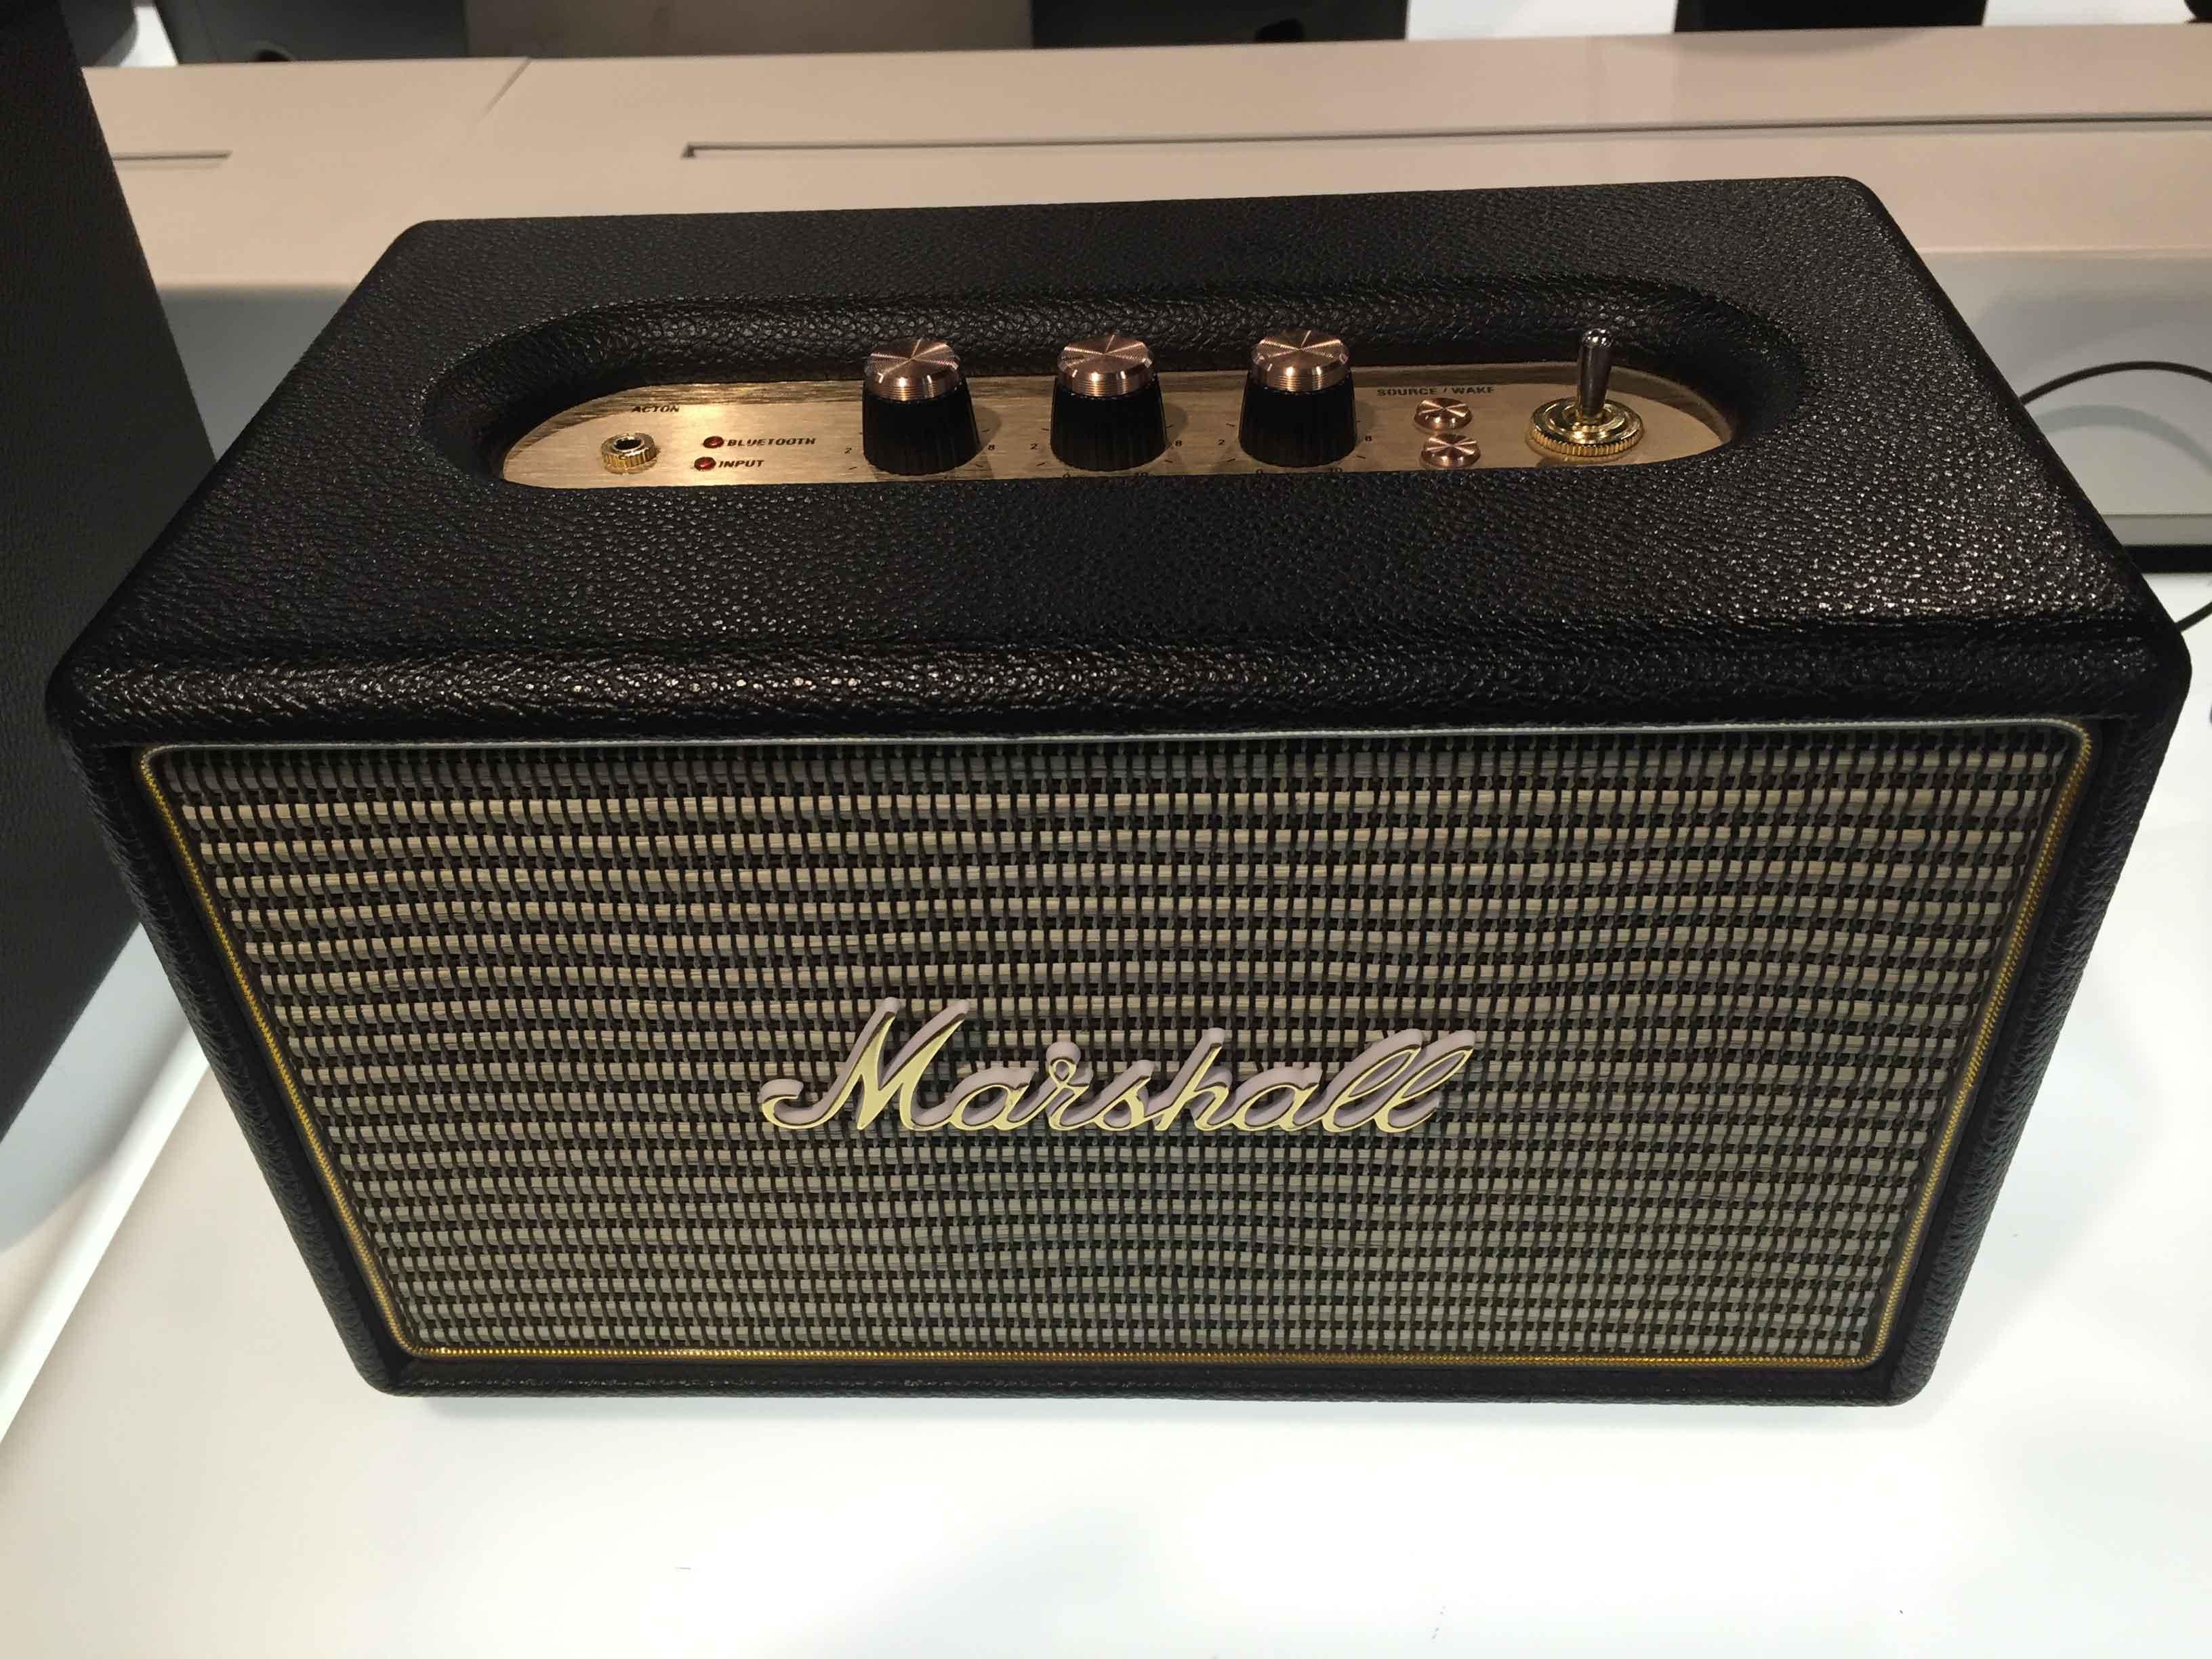 Marshall Acton farbe schwarz